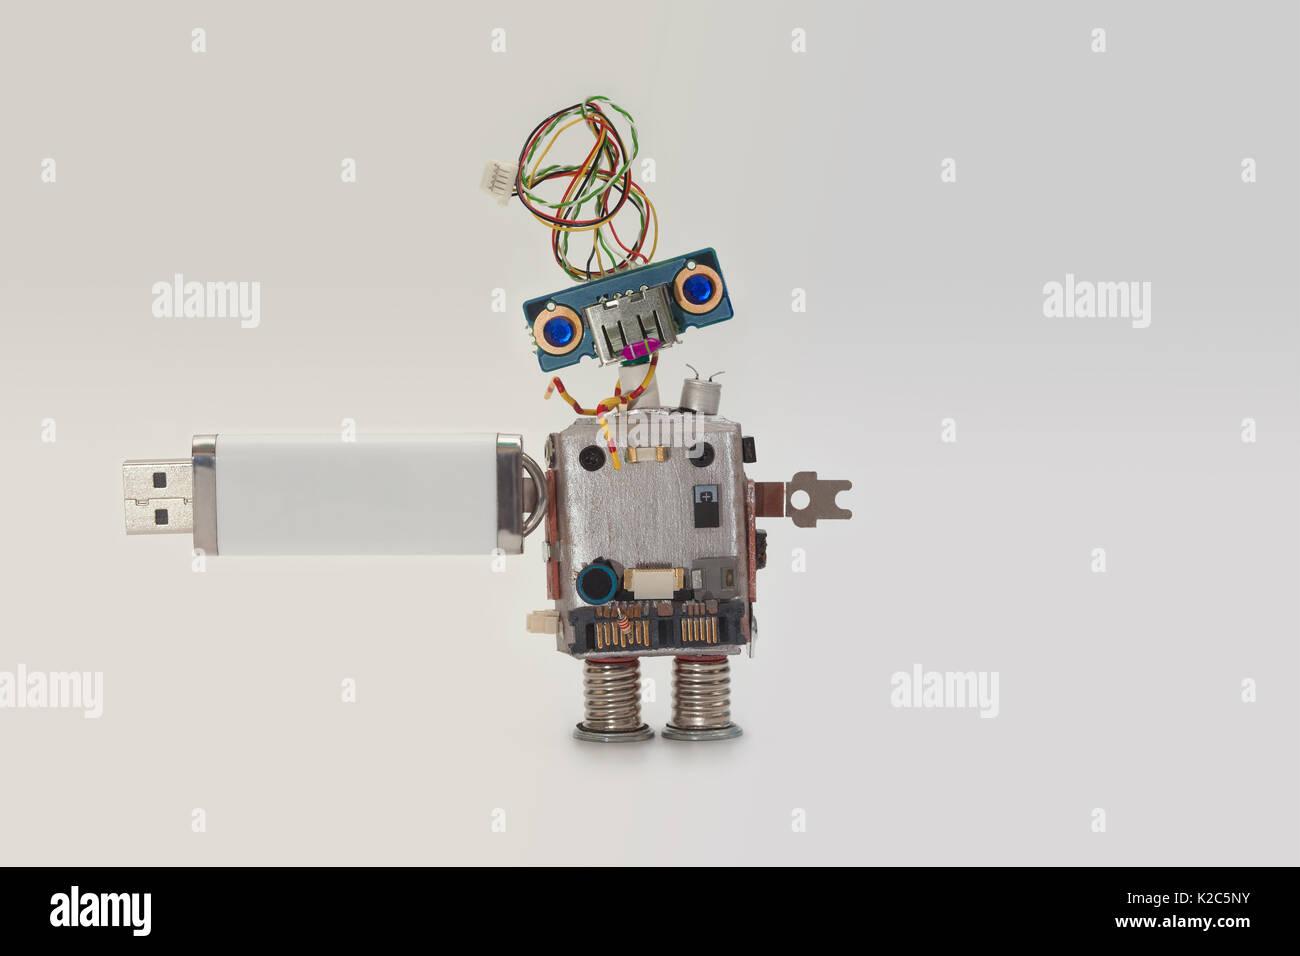 Robot con almacenamiento flash USB stick. Almacenamiento de datos, el concepto abstracto de carácter informático Foto de stock